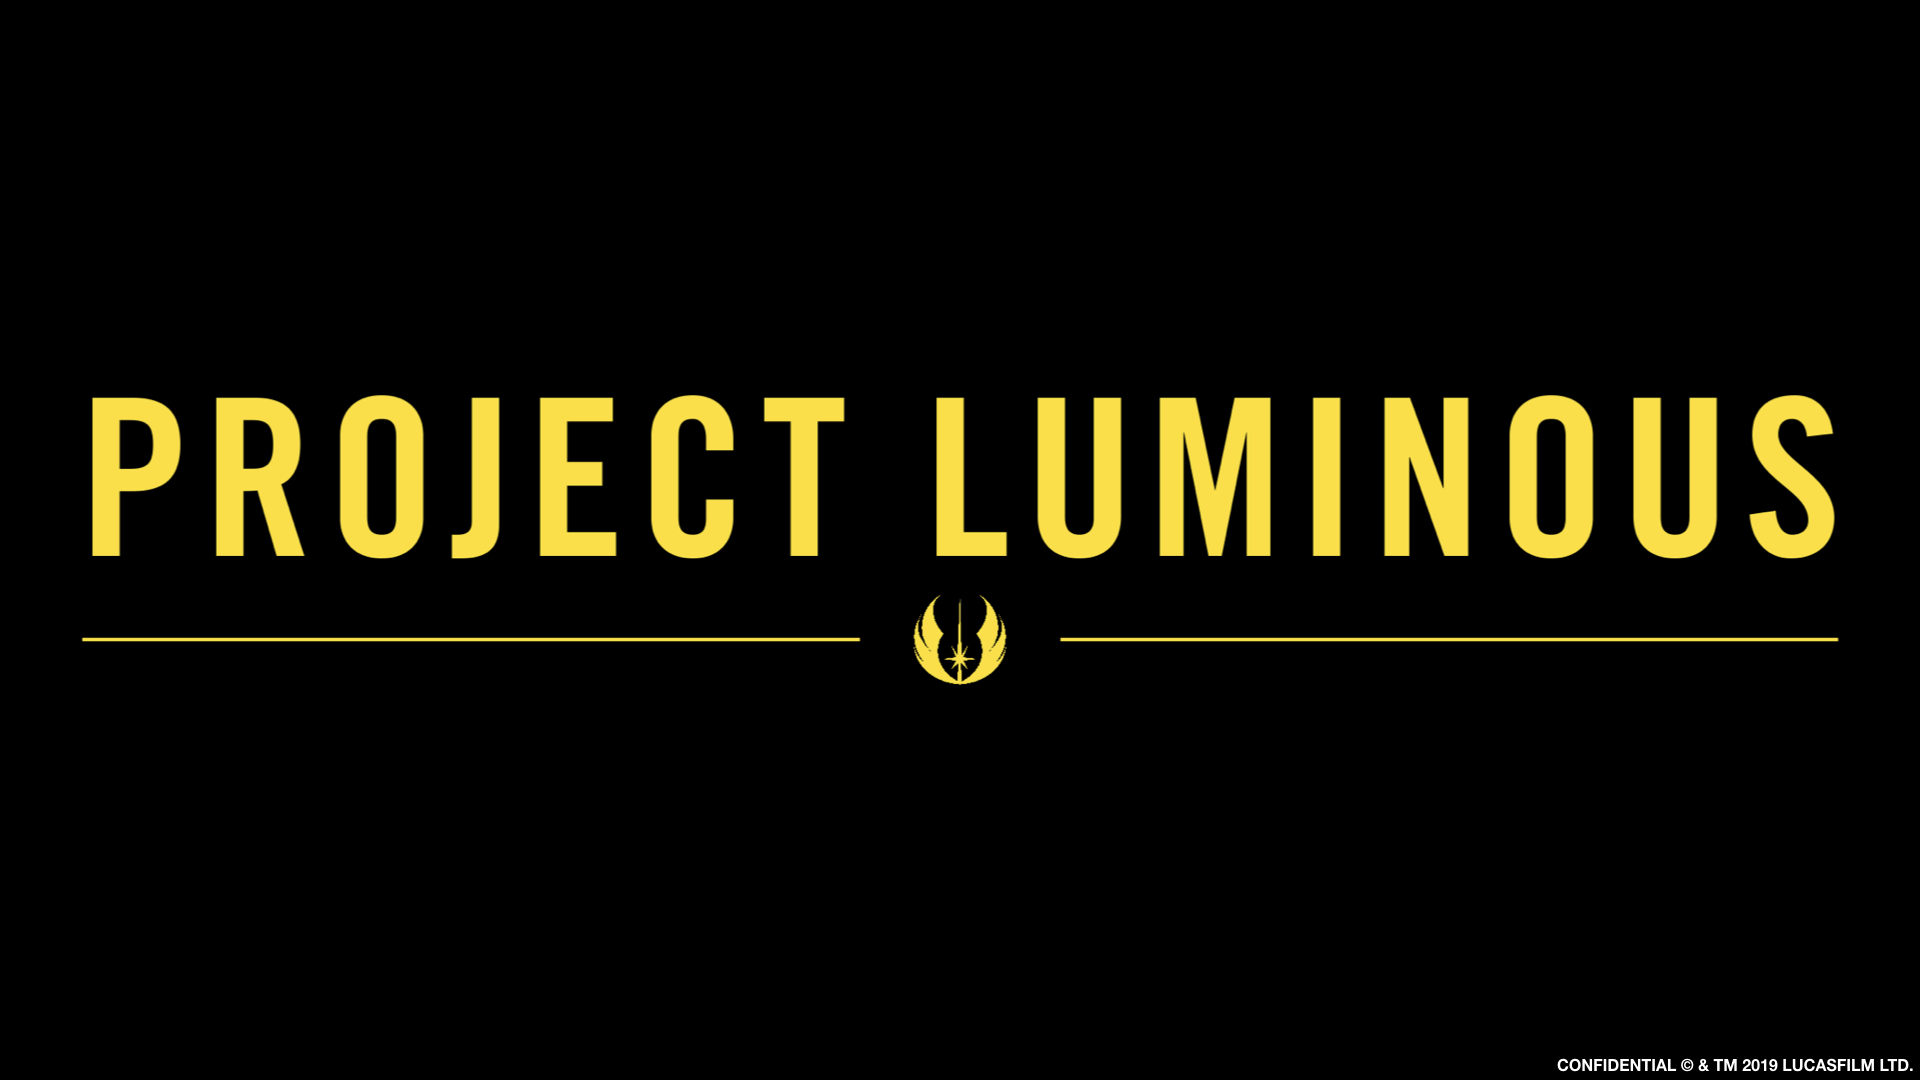 Нет, таинственный Project Luminous не связан с видеоиграми, сериалами и фильмами